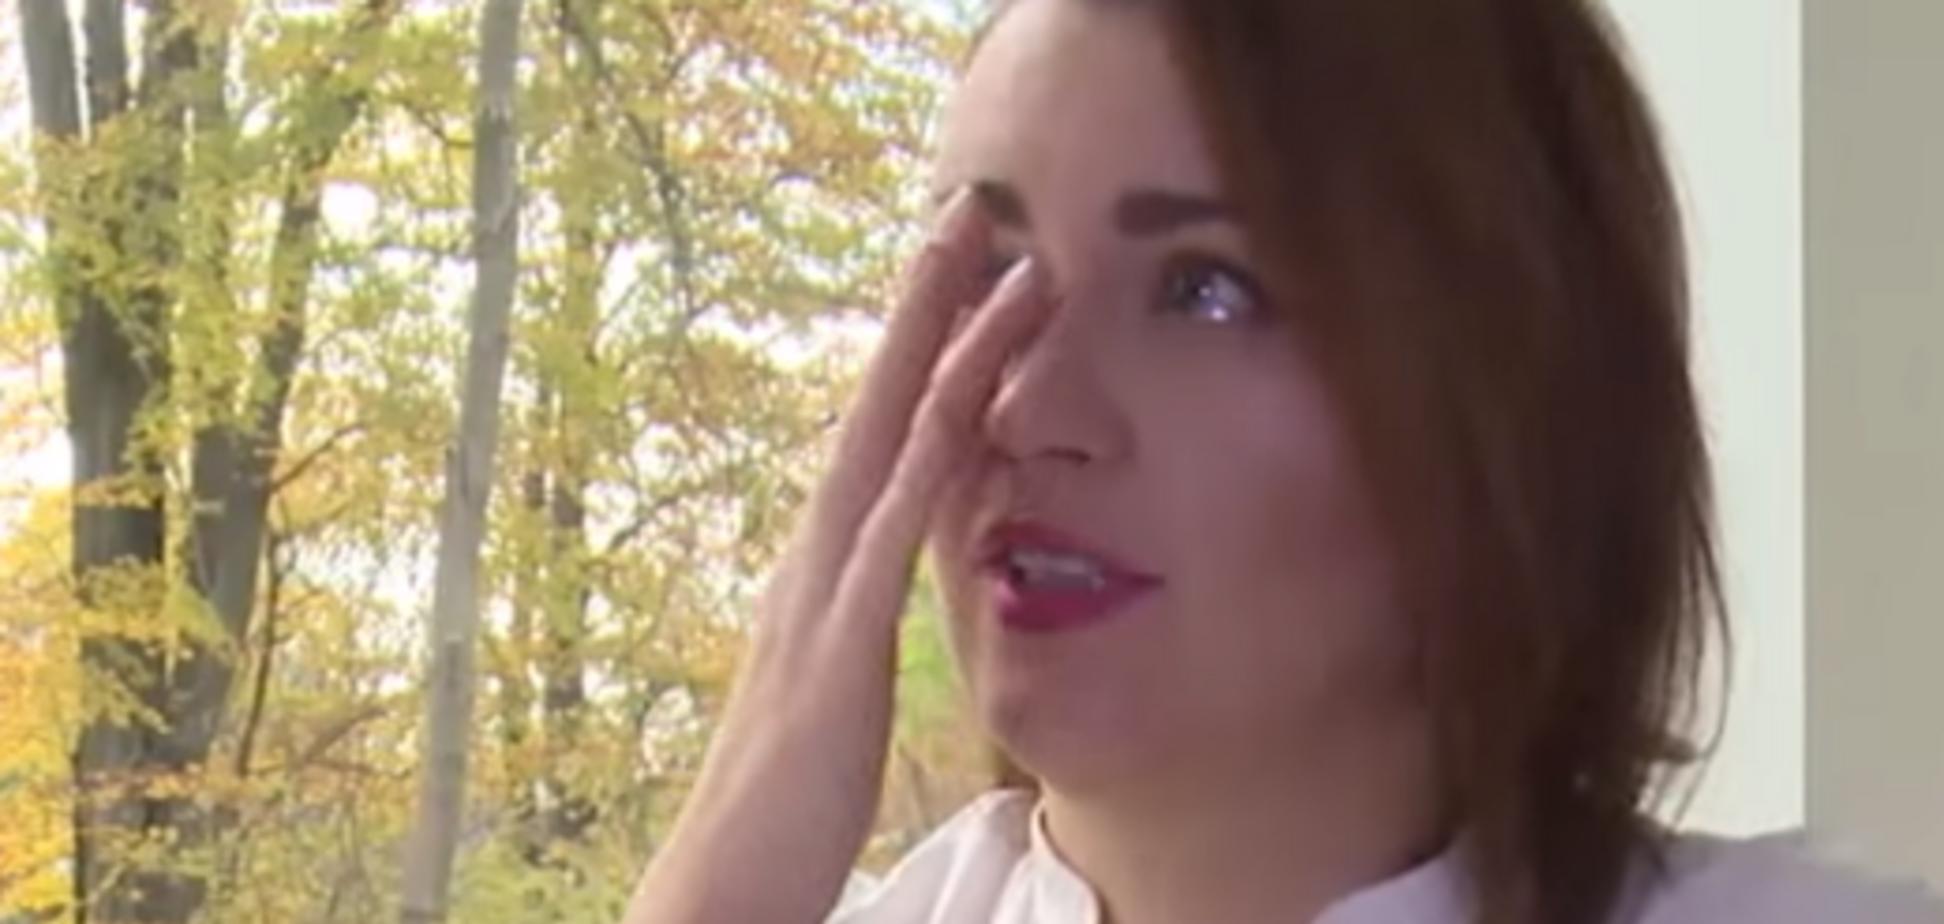 'Шлюб зруйнували дві речі': дружина Тимощука відверто розповіла про зраду чоловіка